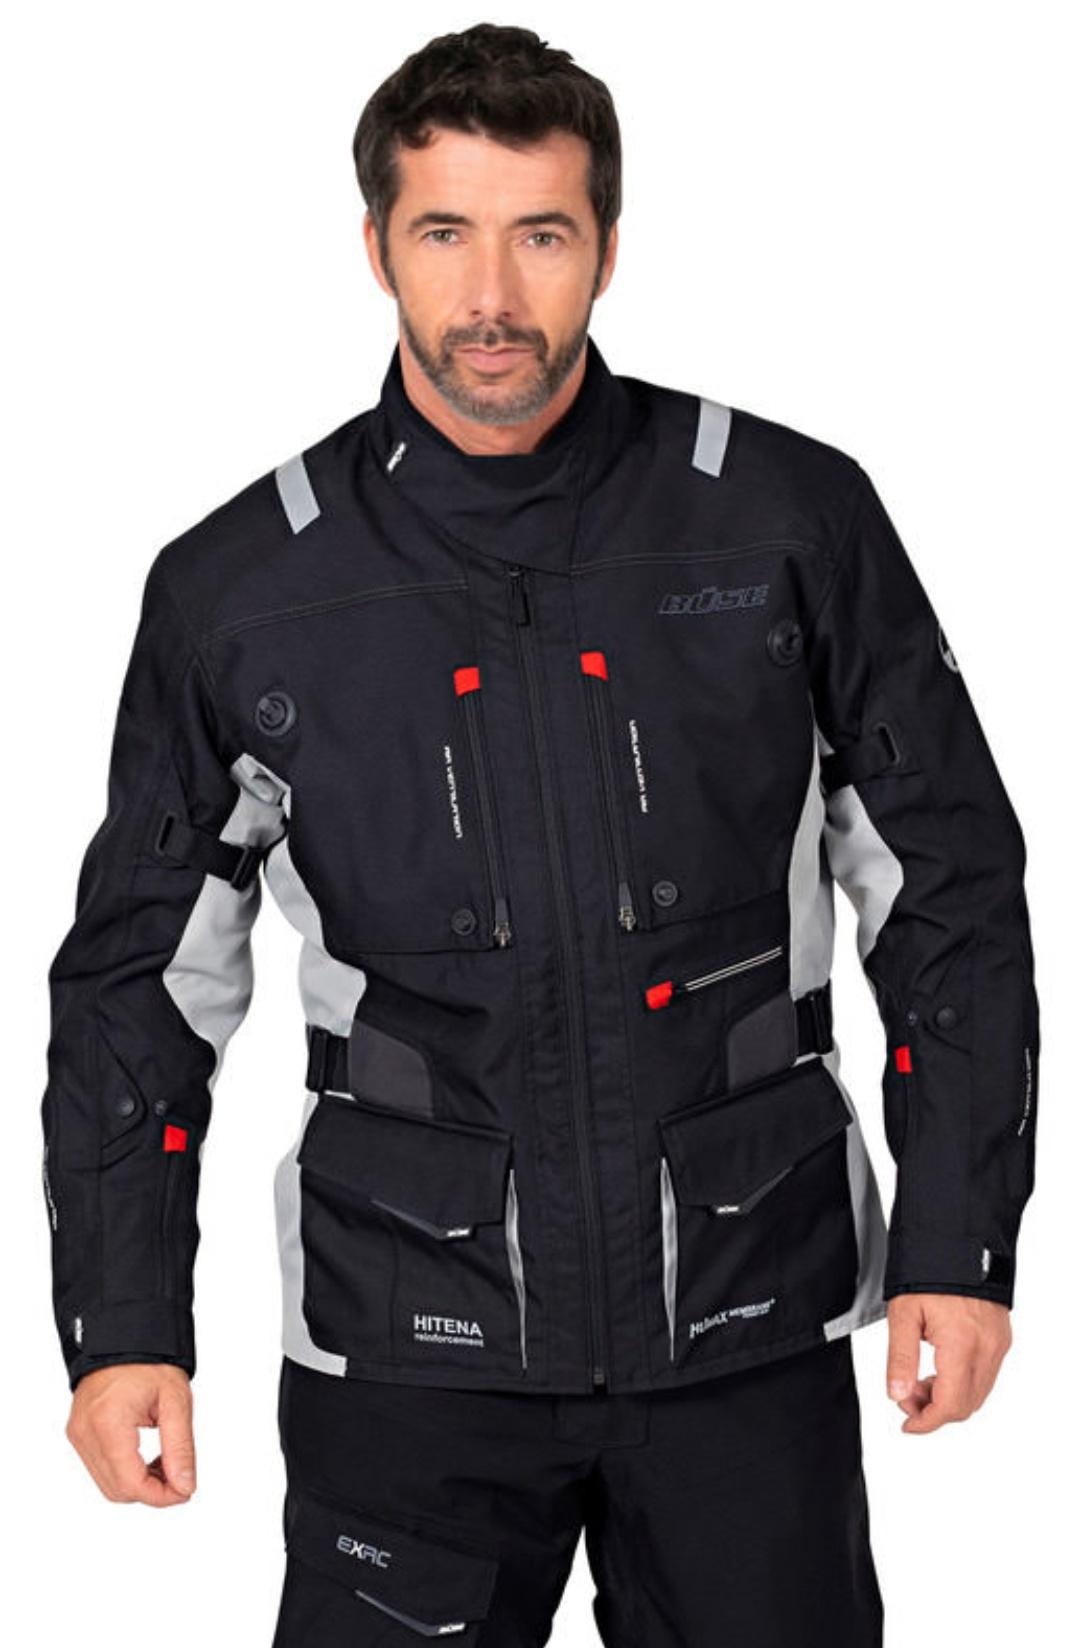 BÜSE TOURSPORT EVO Motorrad Textiljacke durch 20€ Gutscheincode [Onlineshop Louis]